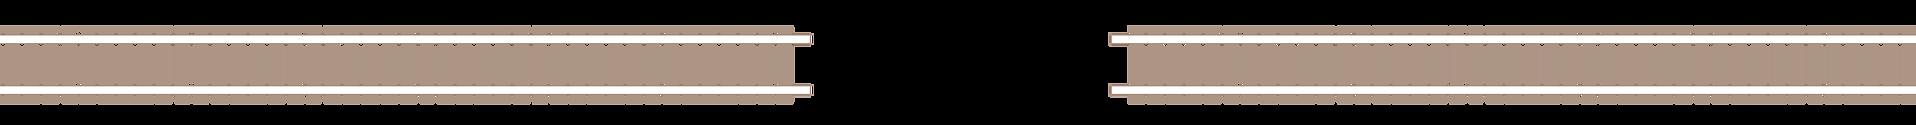 いすみ鉄道HP_ヘッダー01 のコピー.png